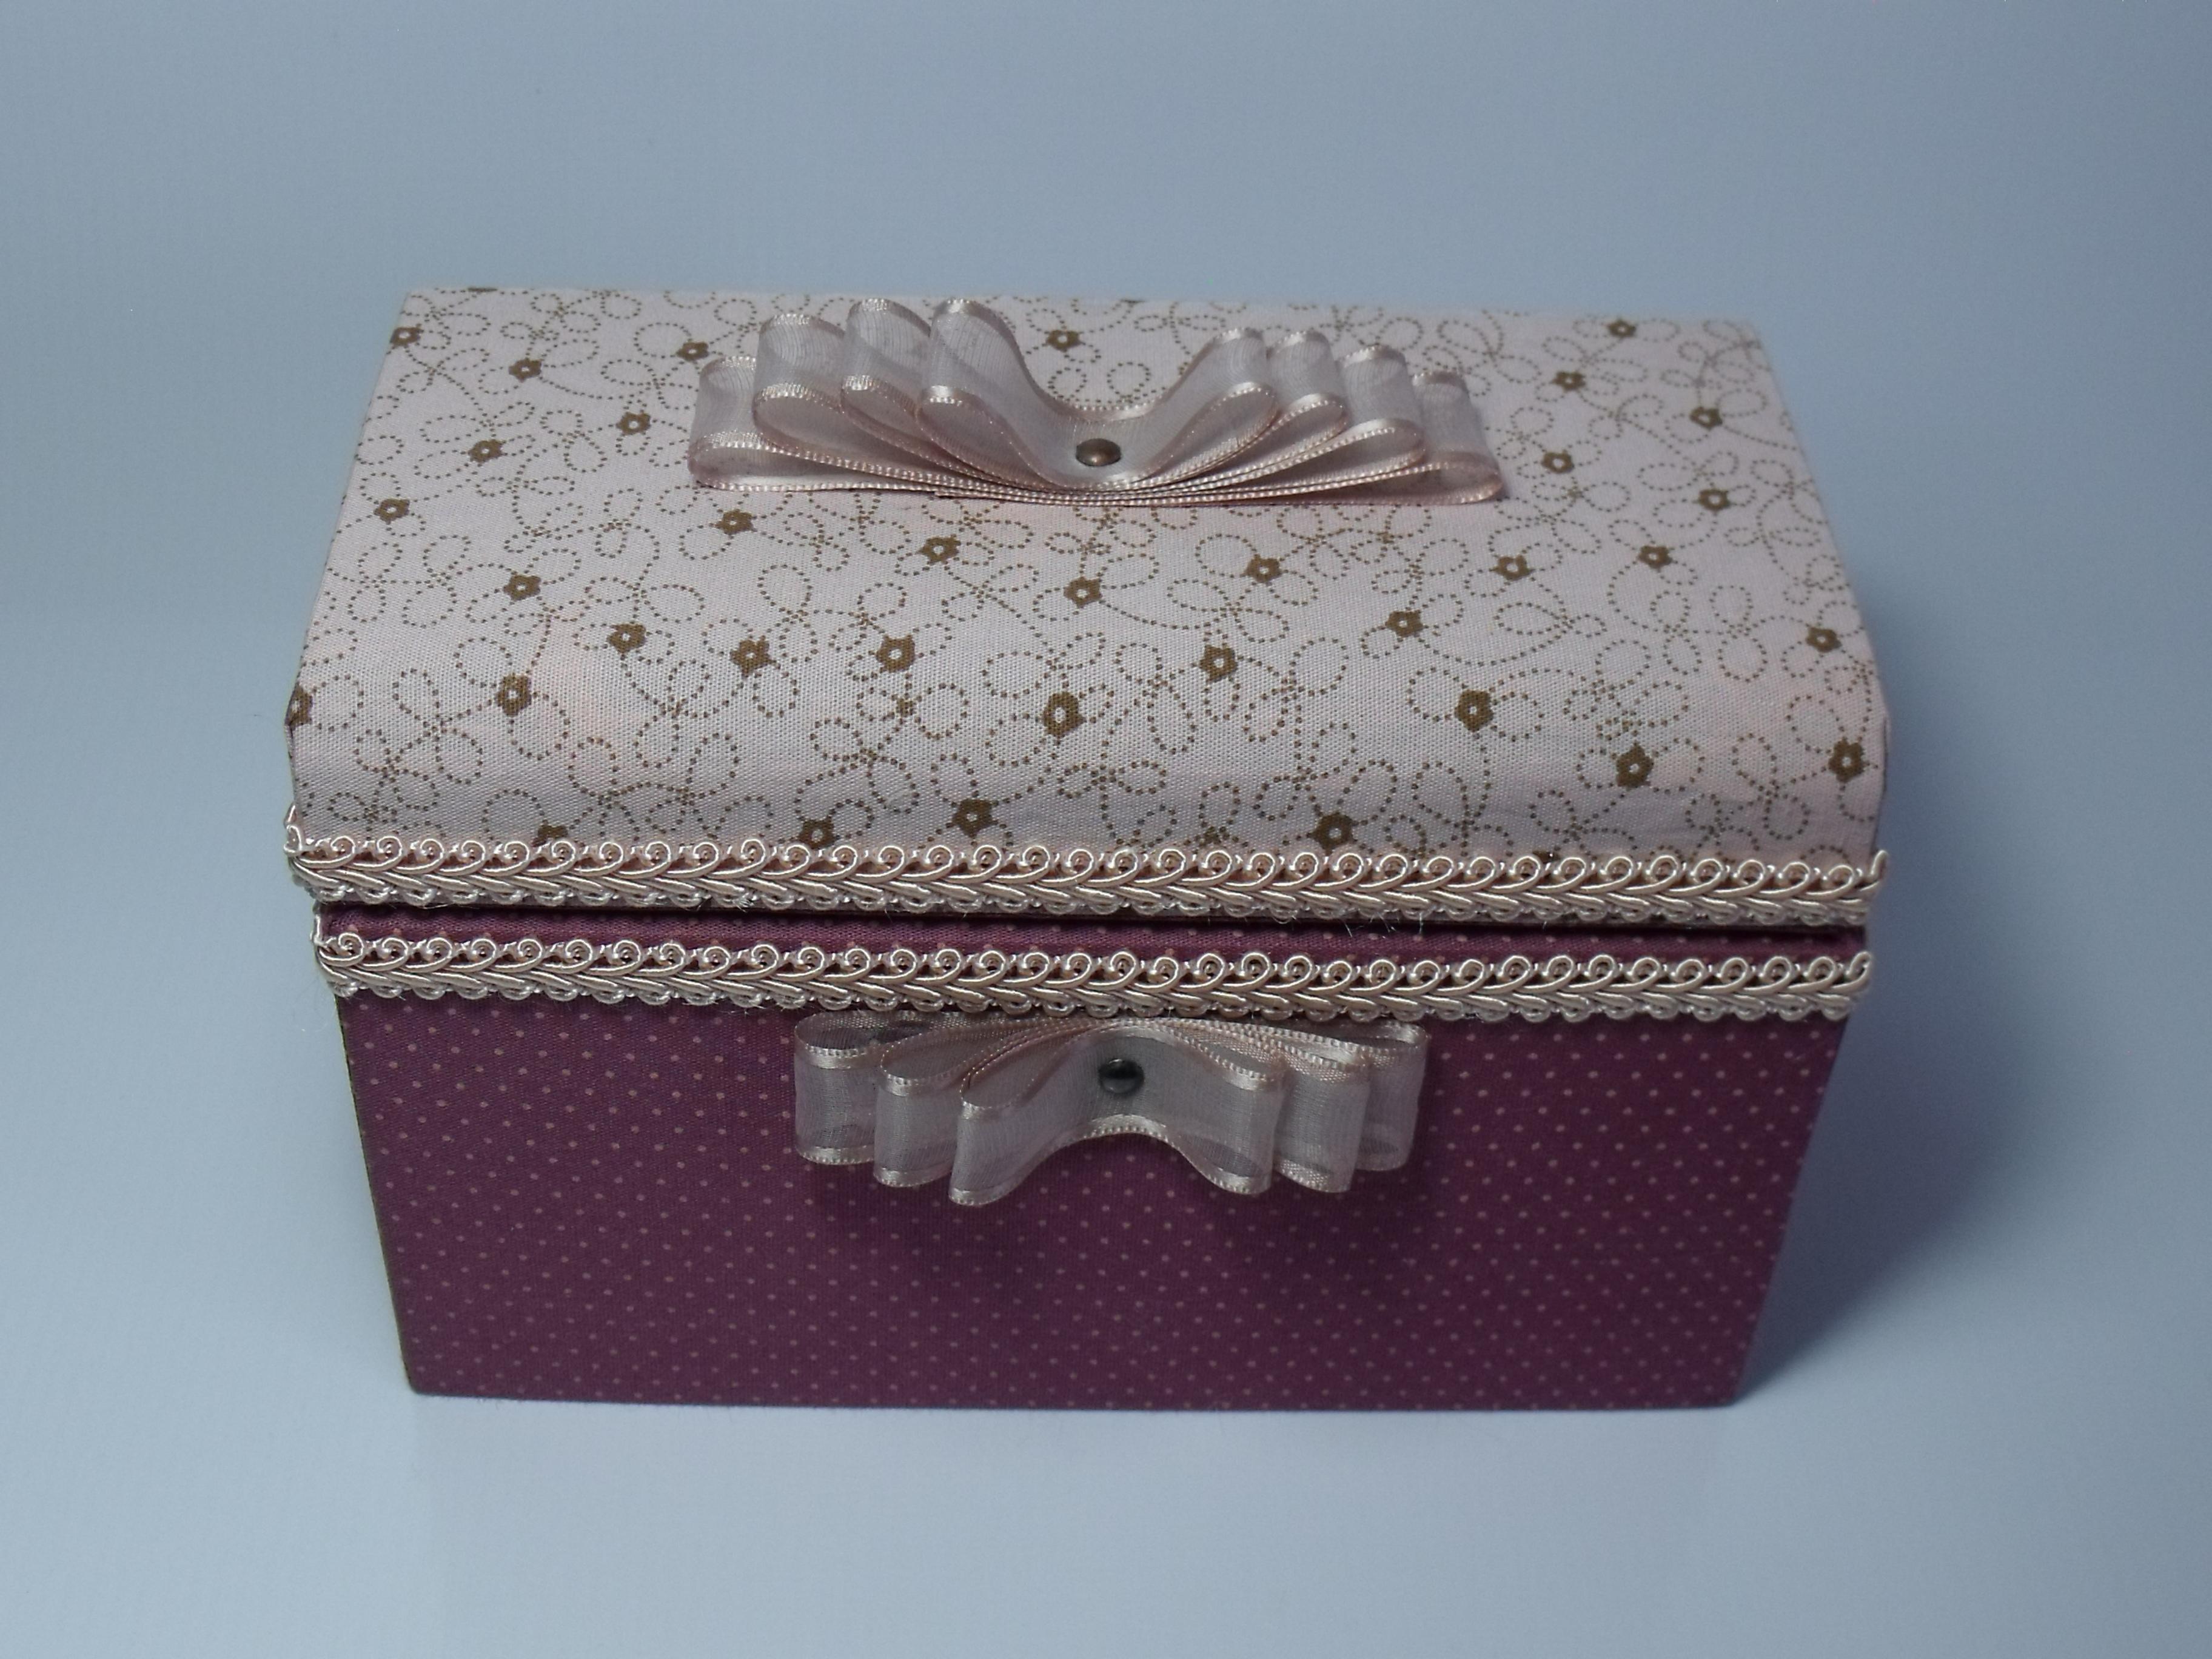 bau caixa de tecido rose madeira bau caixa de tecido #412737 3648x2736